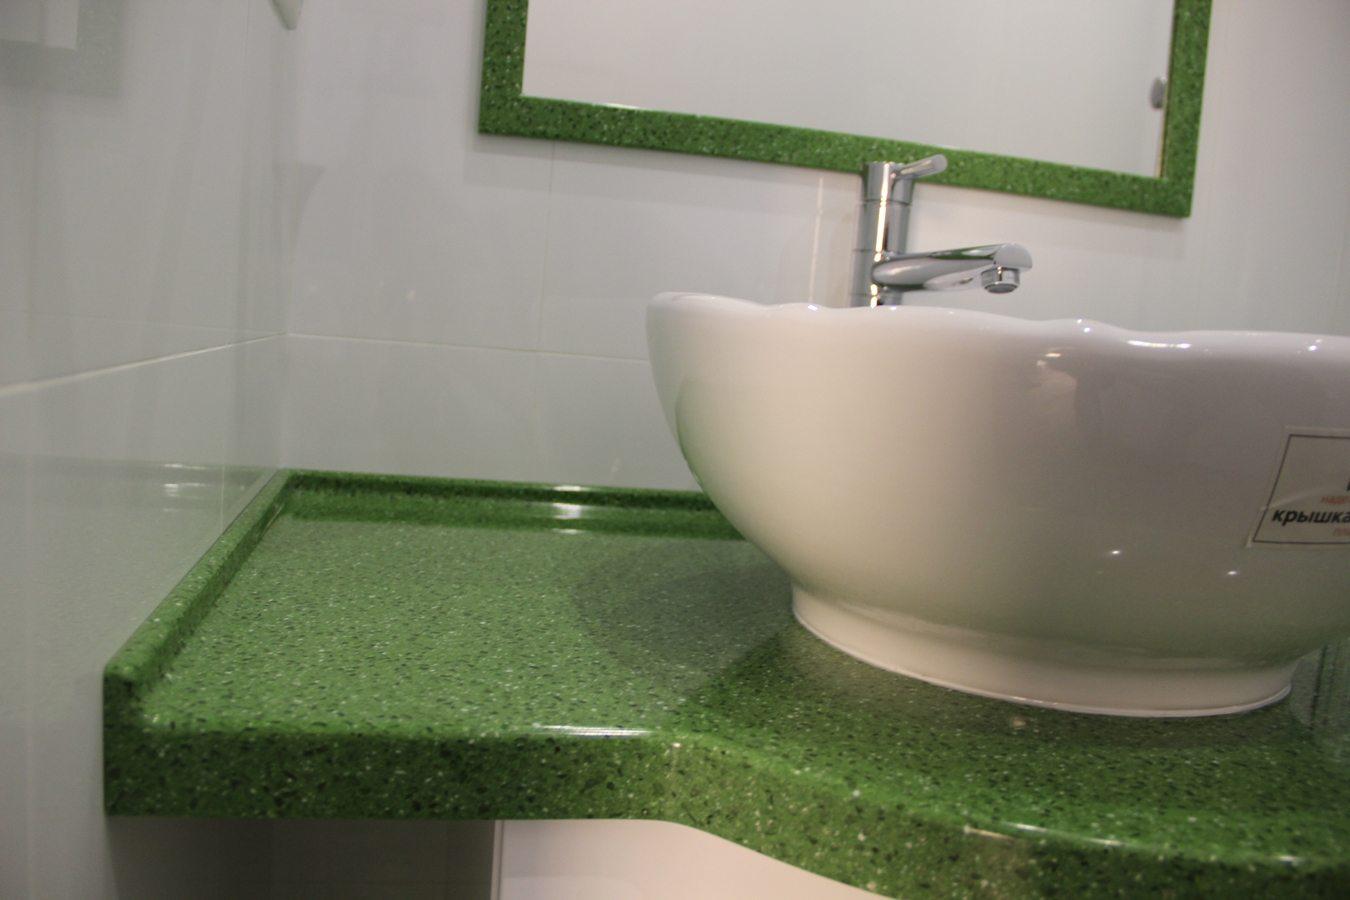 Иногда используются комплекты из столешницы и обрамления для зеркала из одного и того же материала